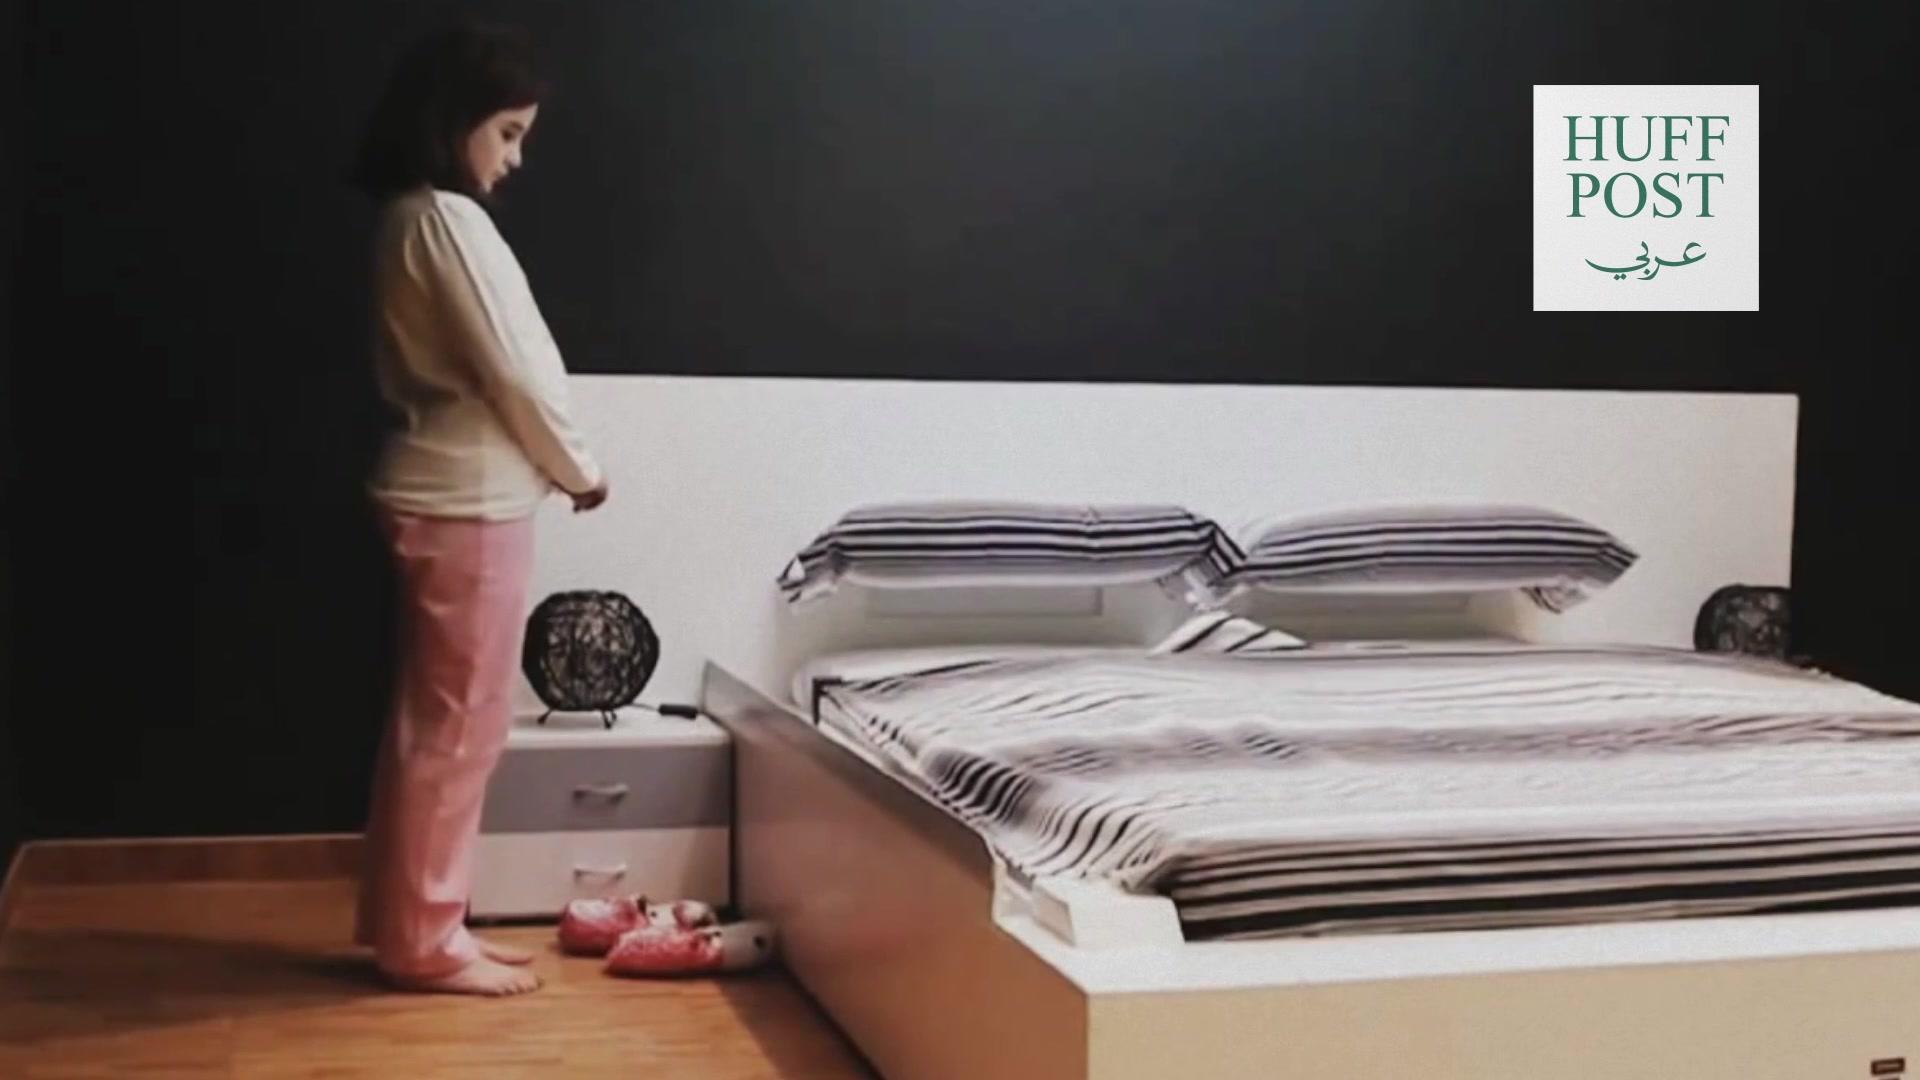 أخيراً حلم حياتك السرير الذكي.. يرتب نفسه بنفسه